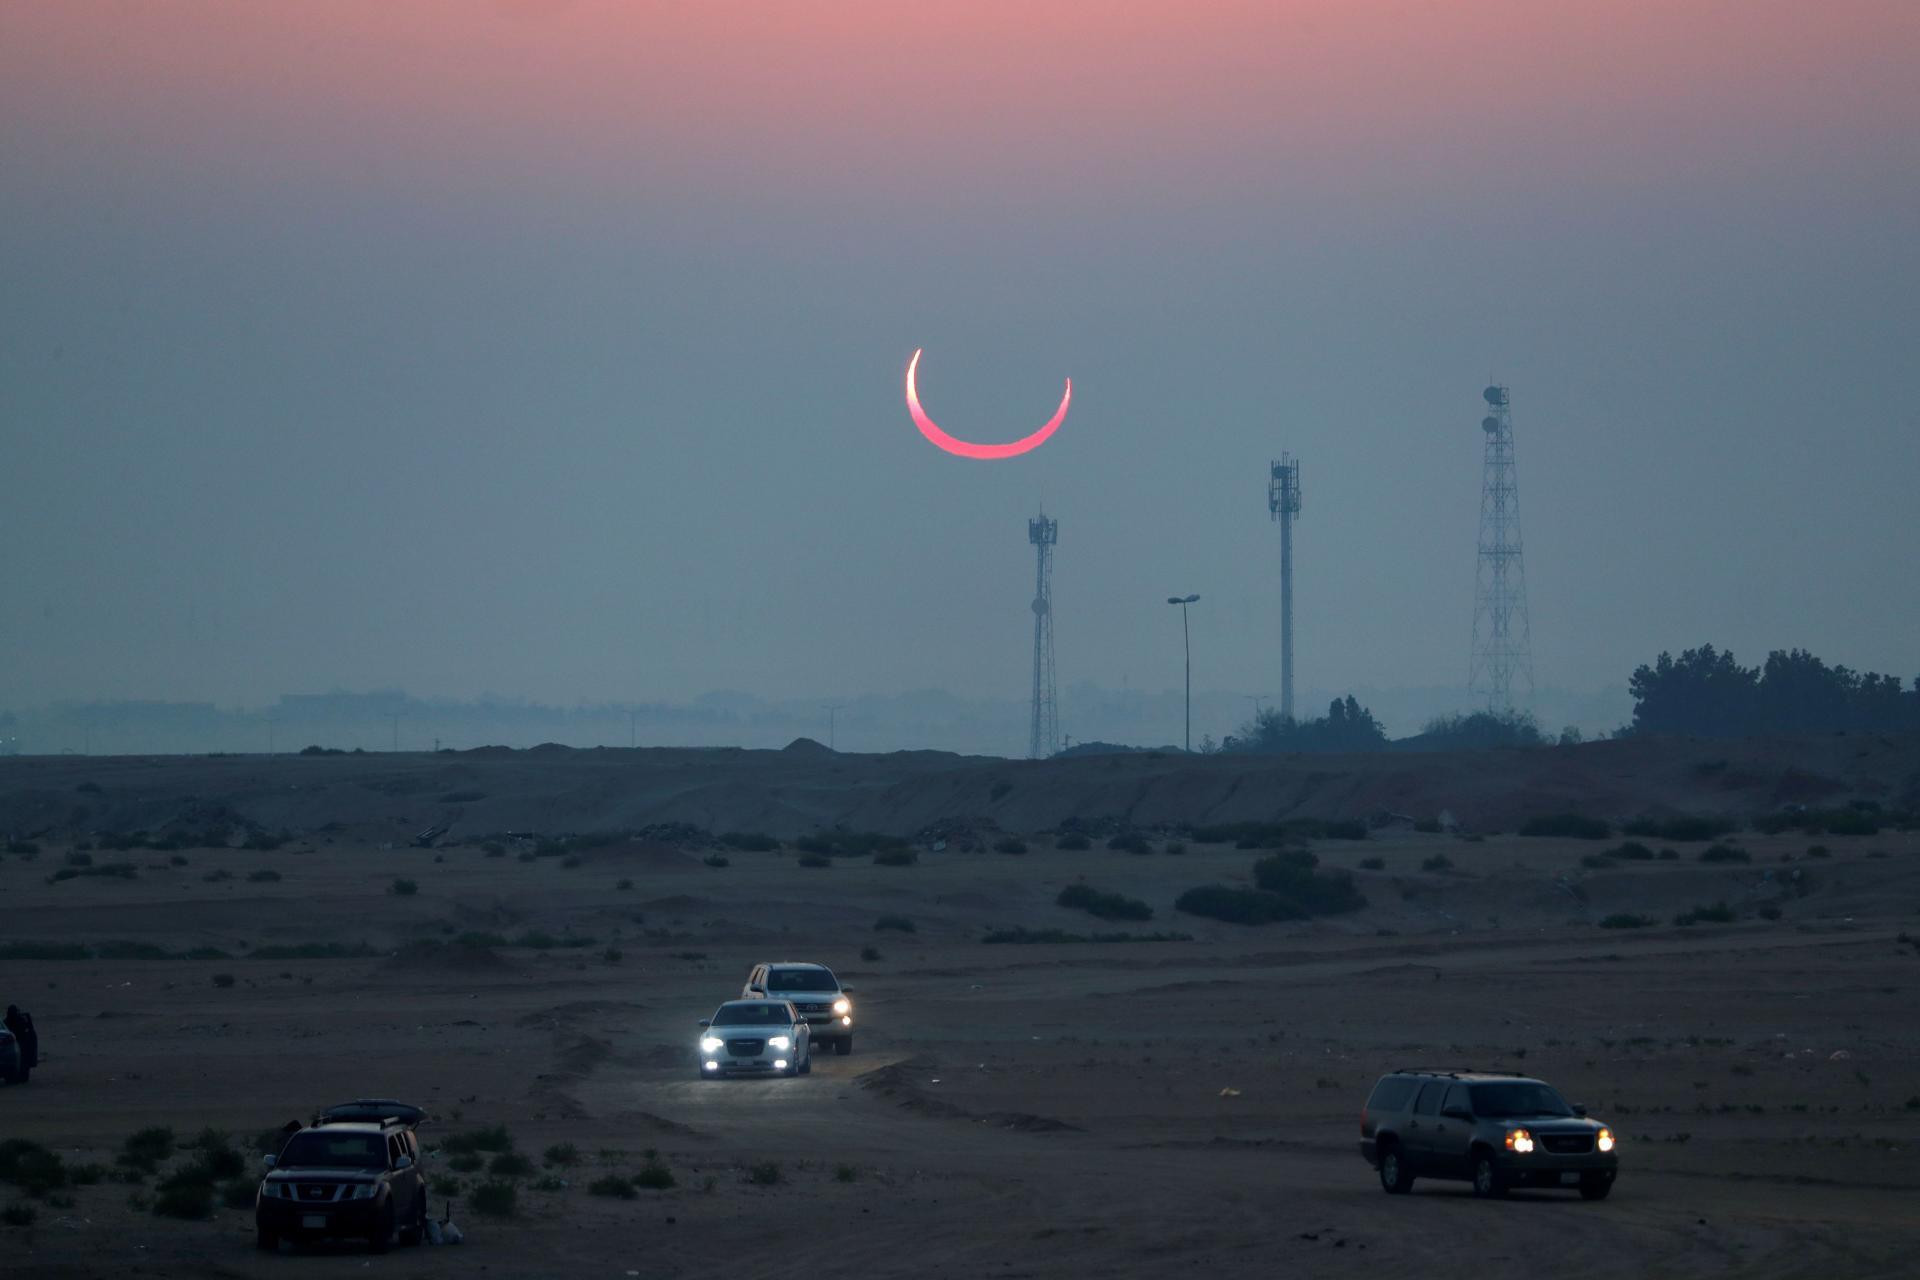 L'éclipse solaire vue d'Al-Hufuf, dans l'est de l'Arabie saoudite, le 26 décembre.